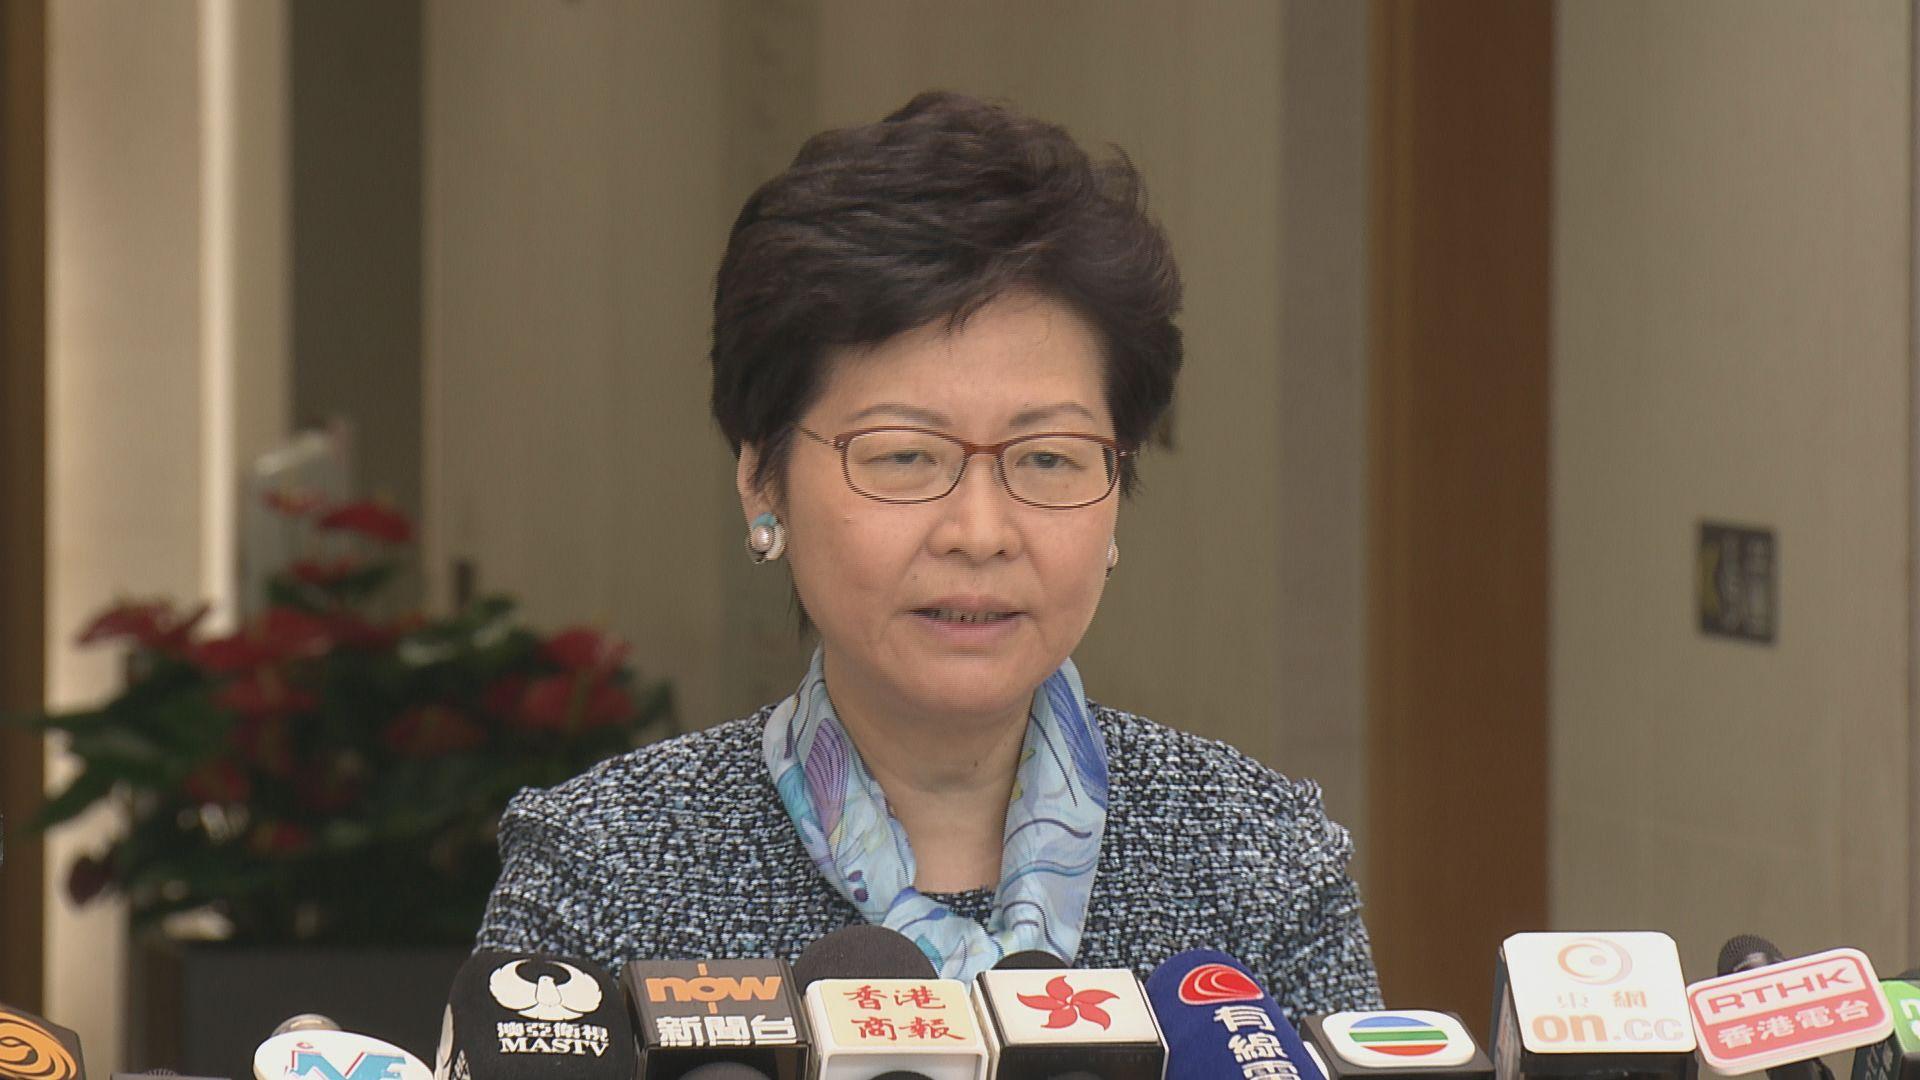 林鄭:與內地溝通高鐵開通事宜已近尾聲